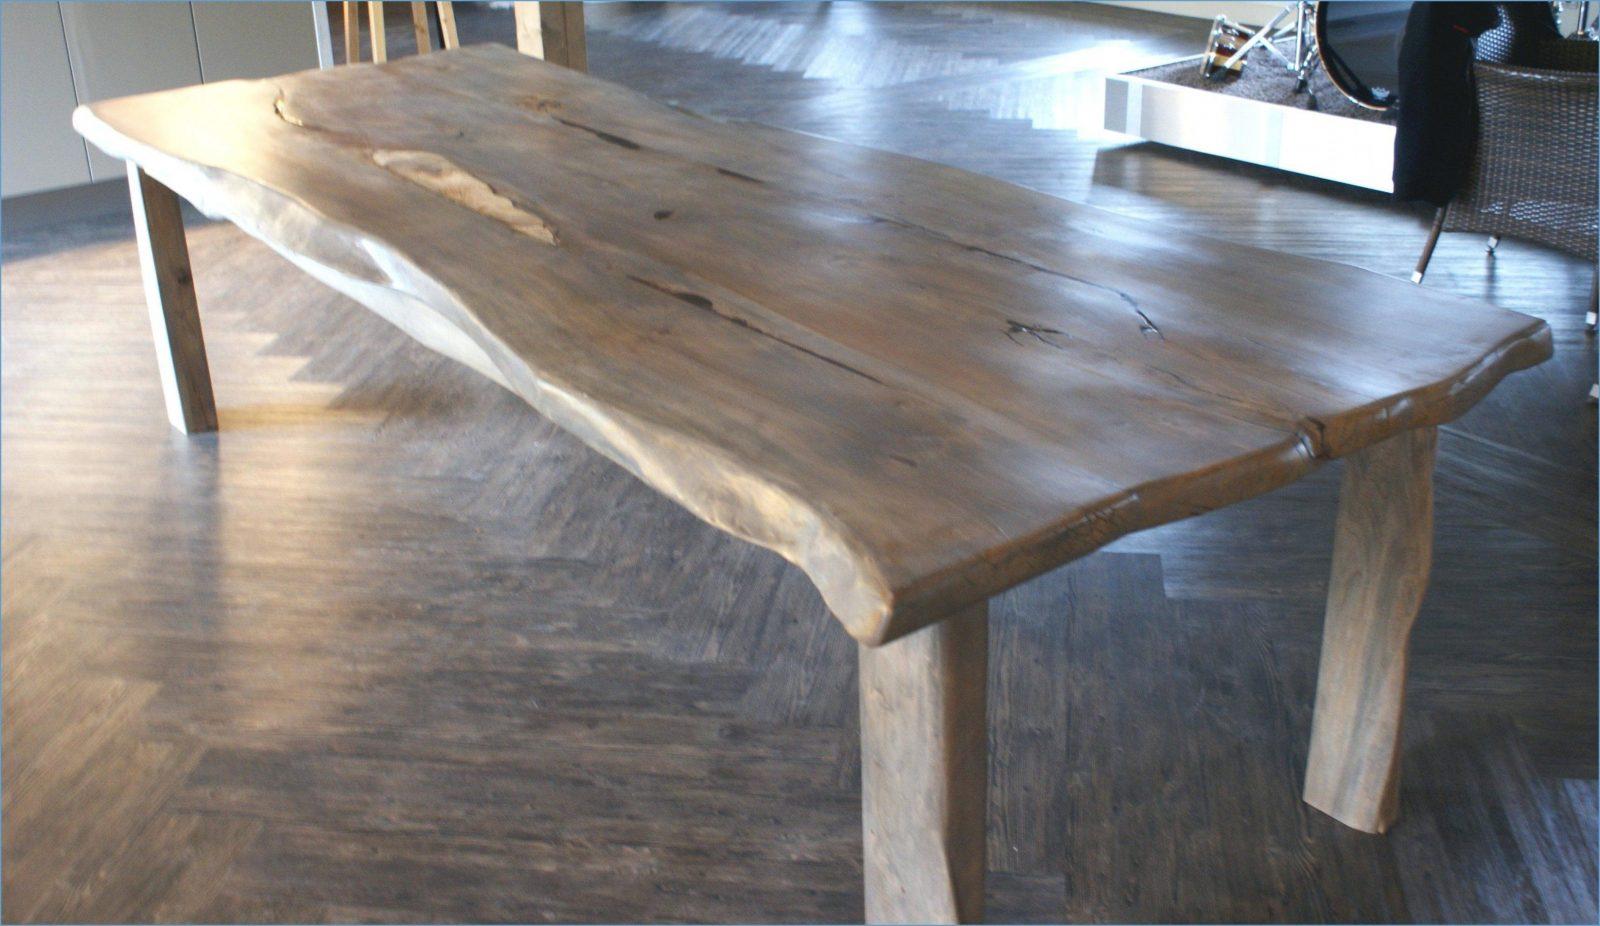 Gartentisch selbst bauen selber kreativ bauanleitung von - Gartentisch selber bauen kreativ ...